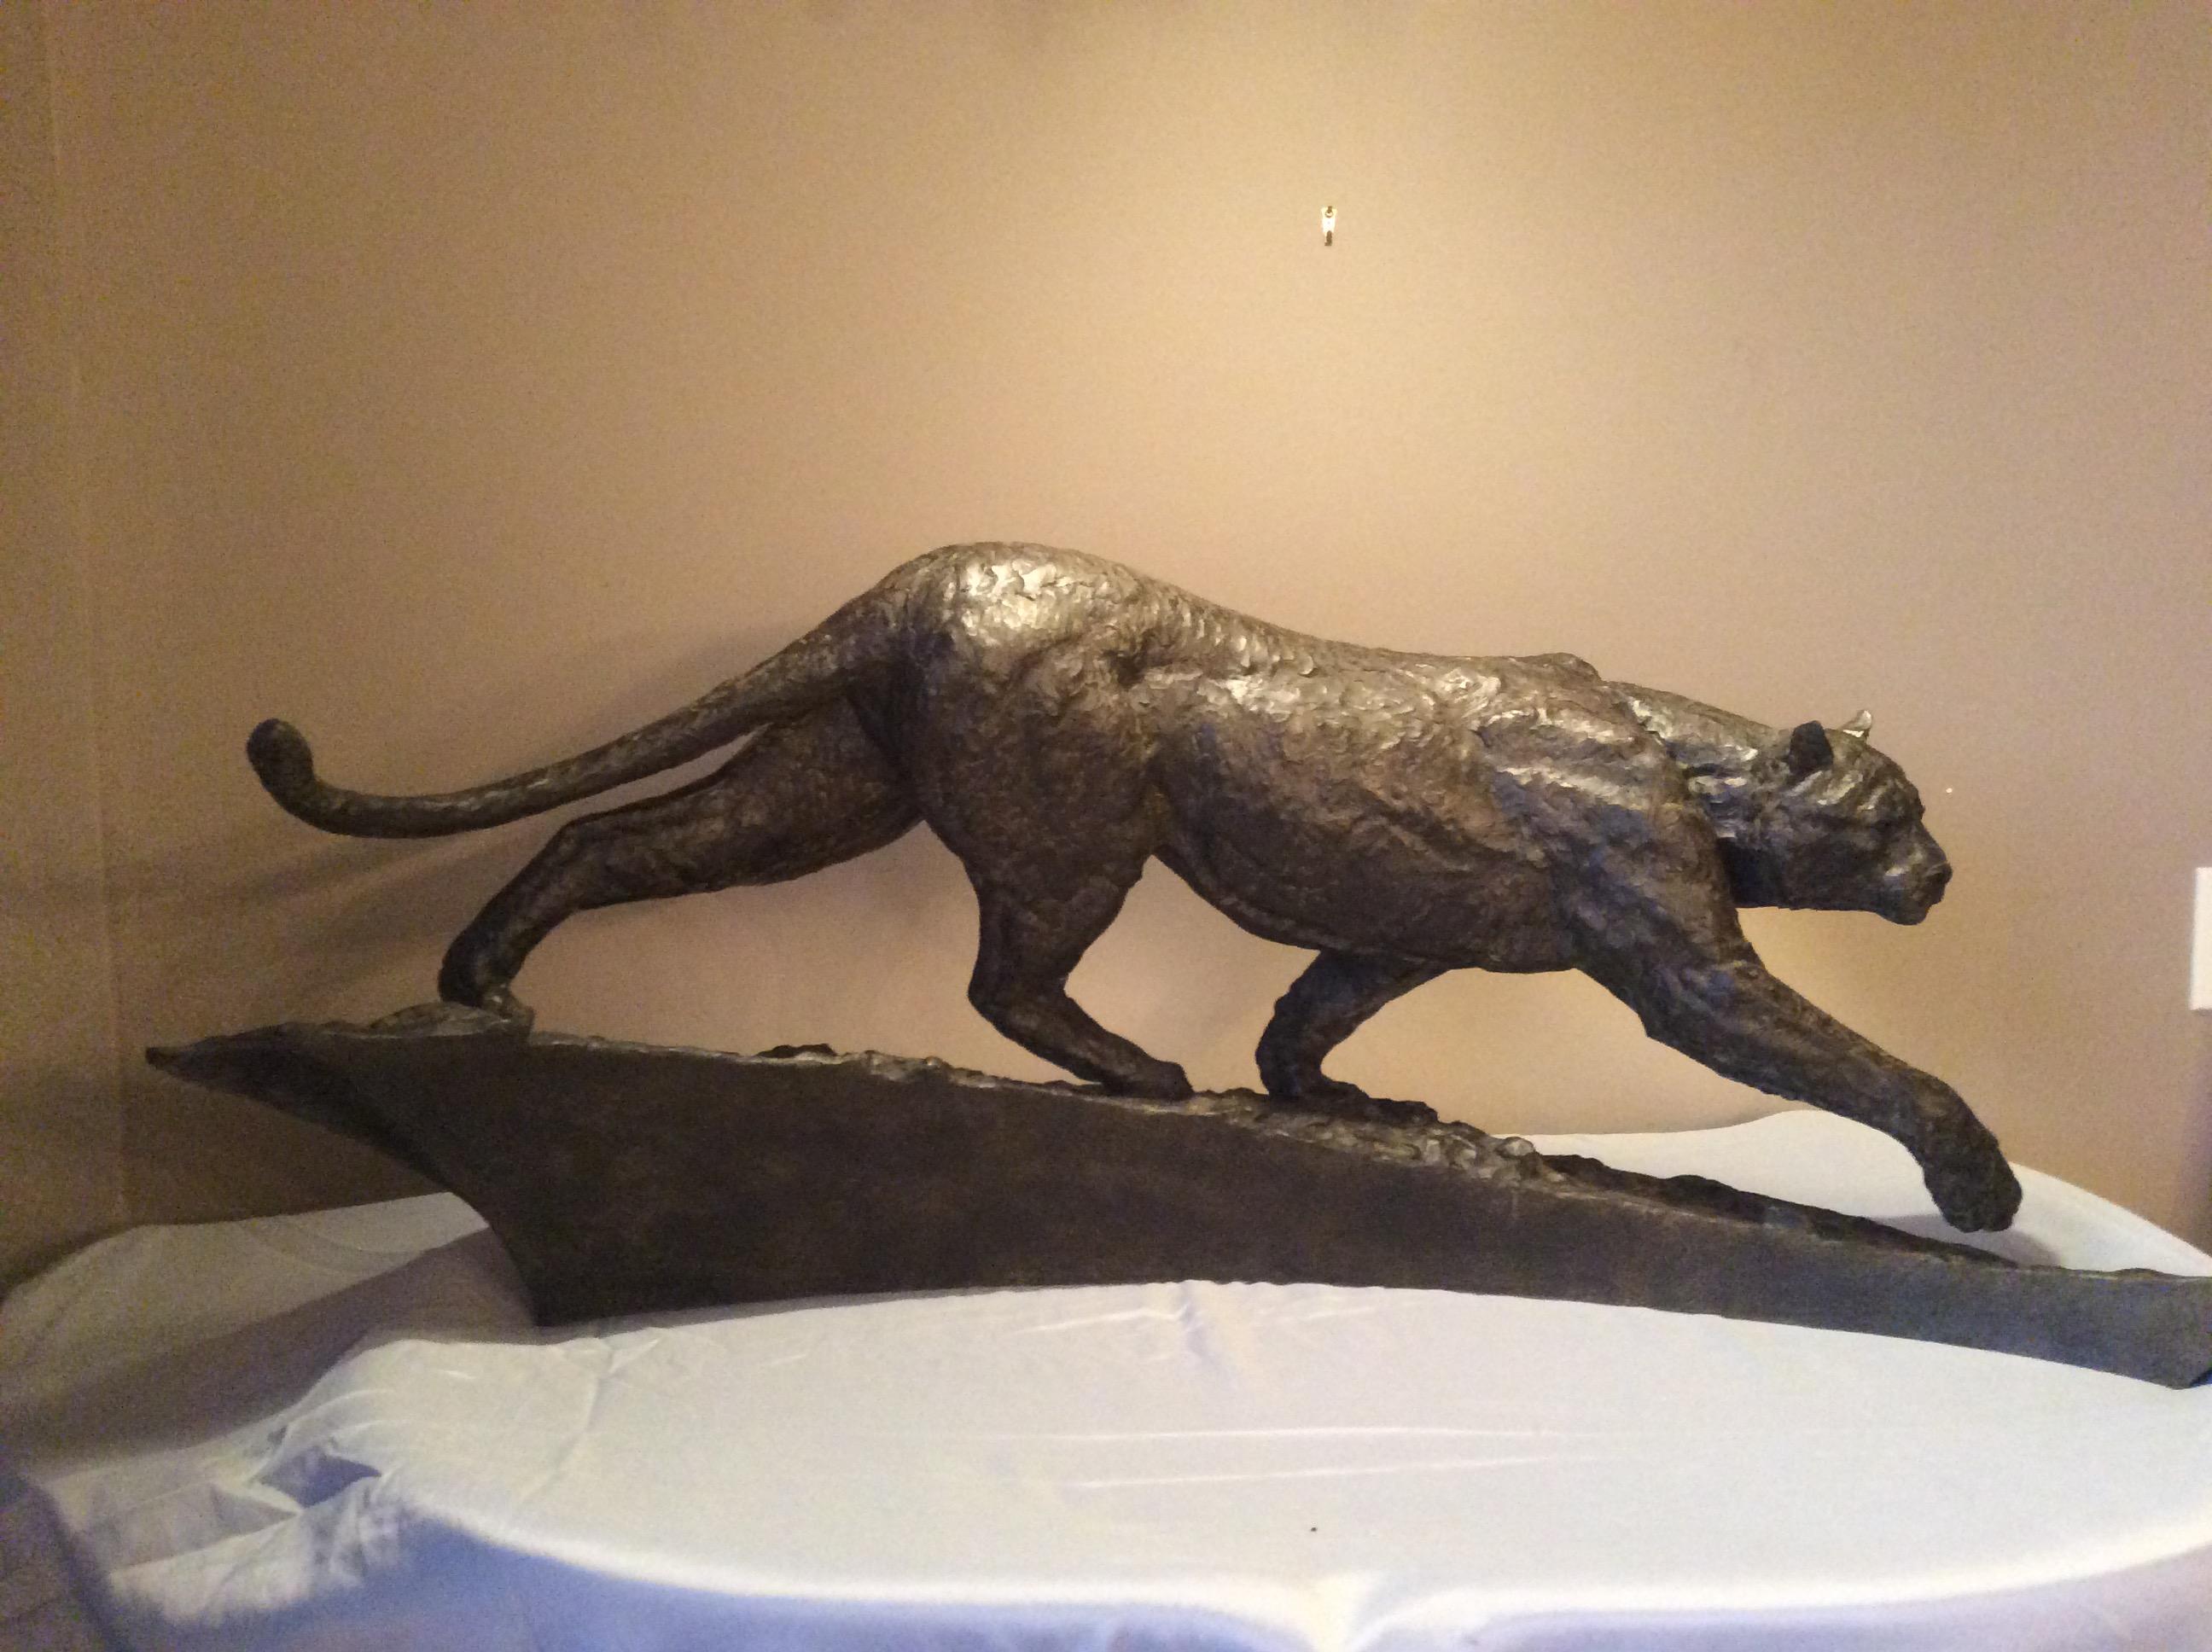 Flow - cougar in bronze